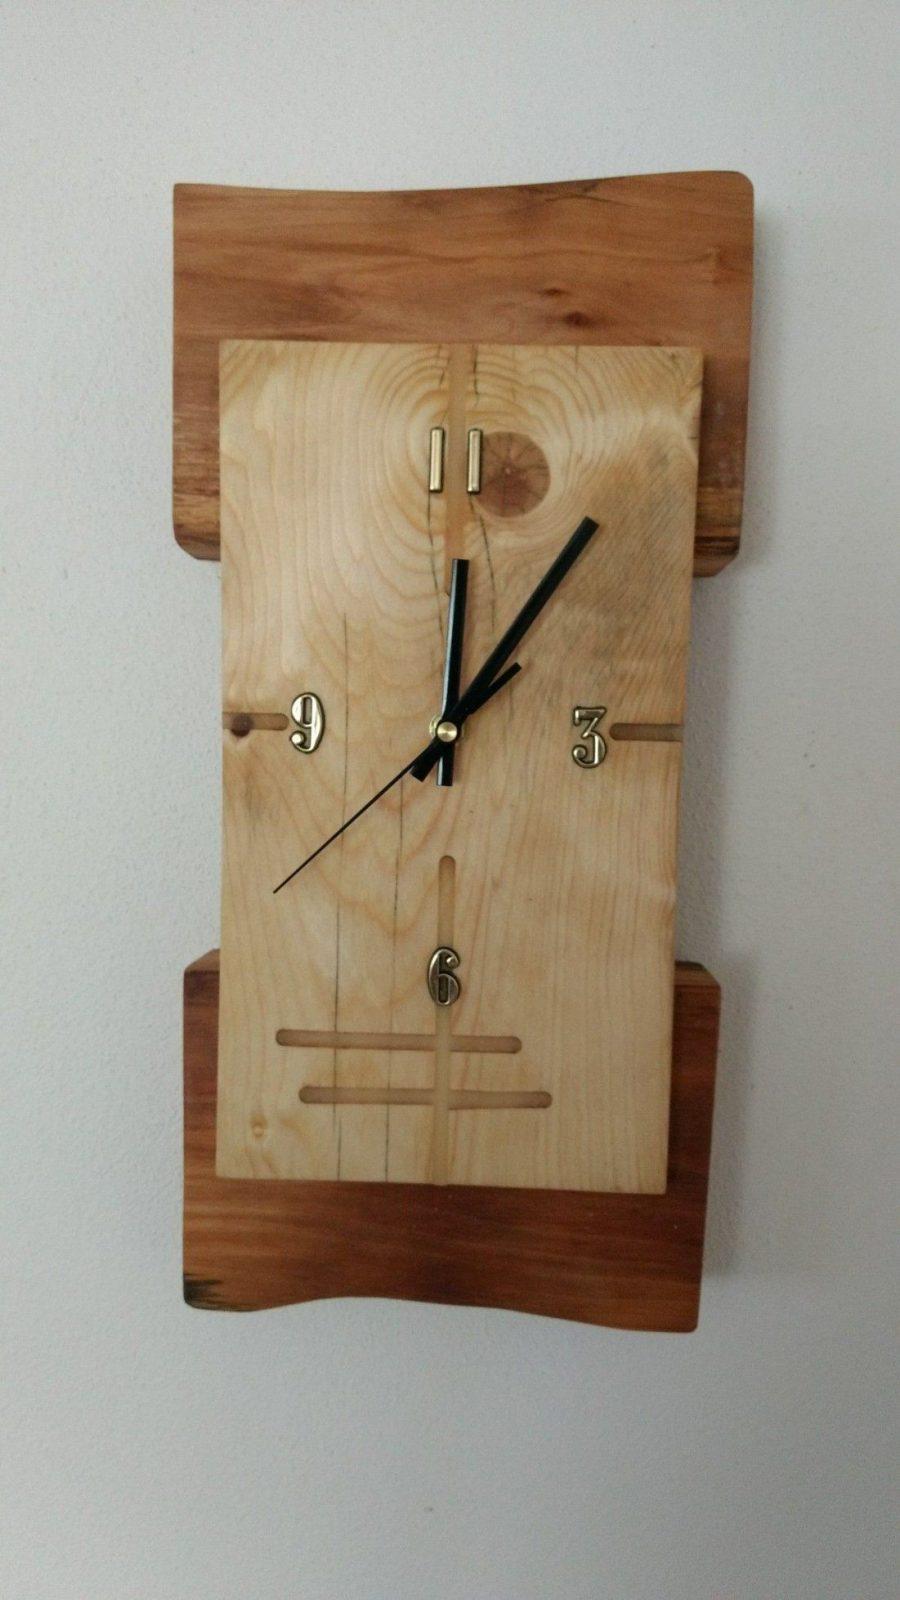 Pin Von Krzysztof Krupski Auf Zegary  Pinterest  Uhren Moderne von Wanduhr Aus Holz Selber Bauen Bild